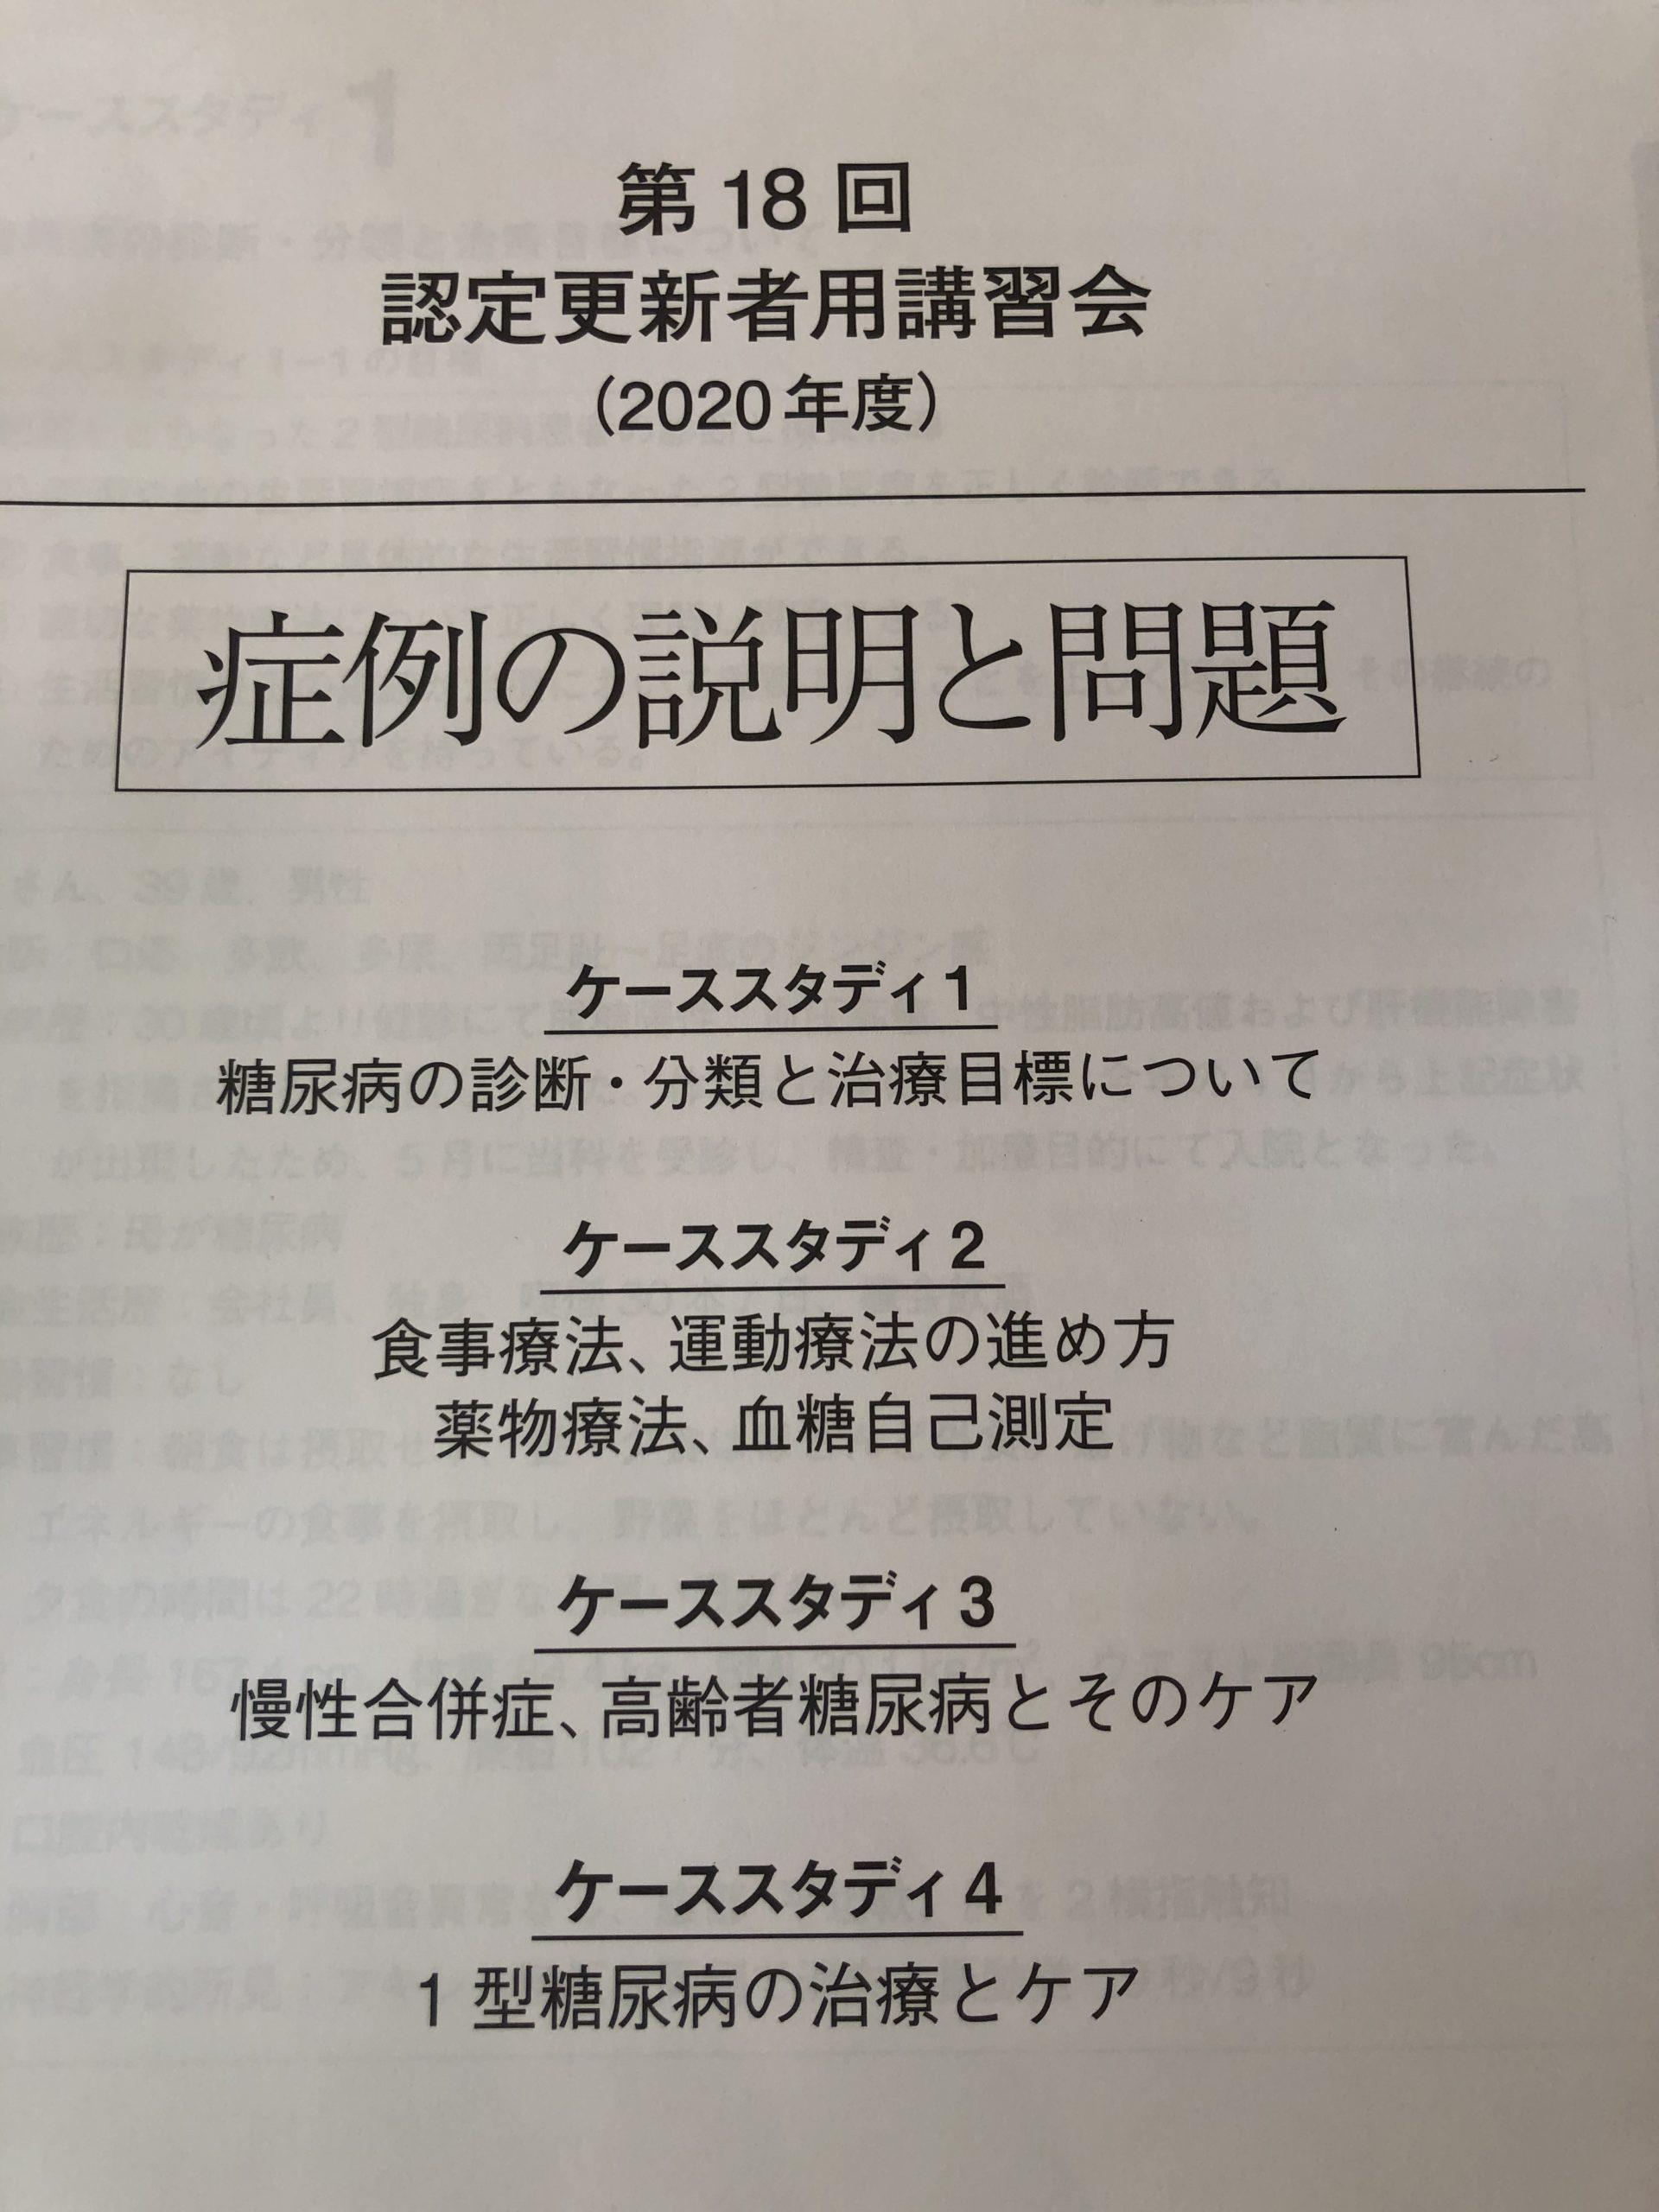 日本糖尿病療養指導士研修受講